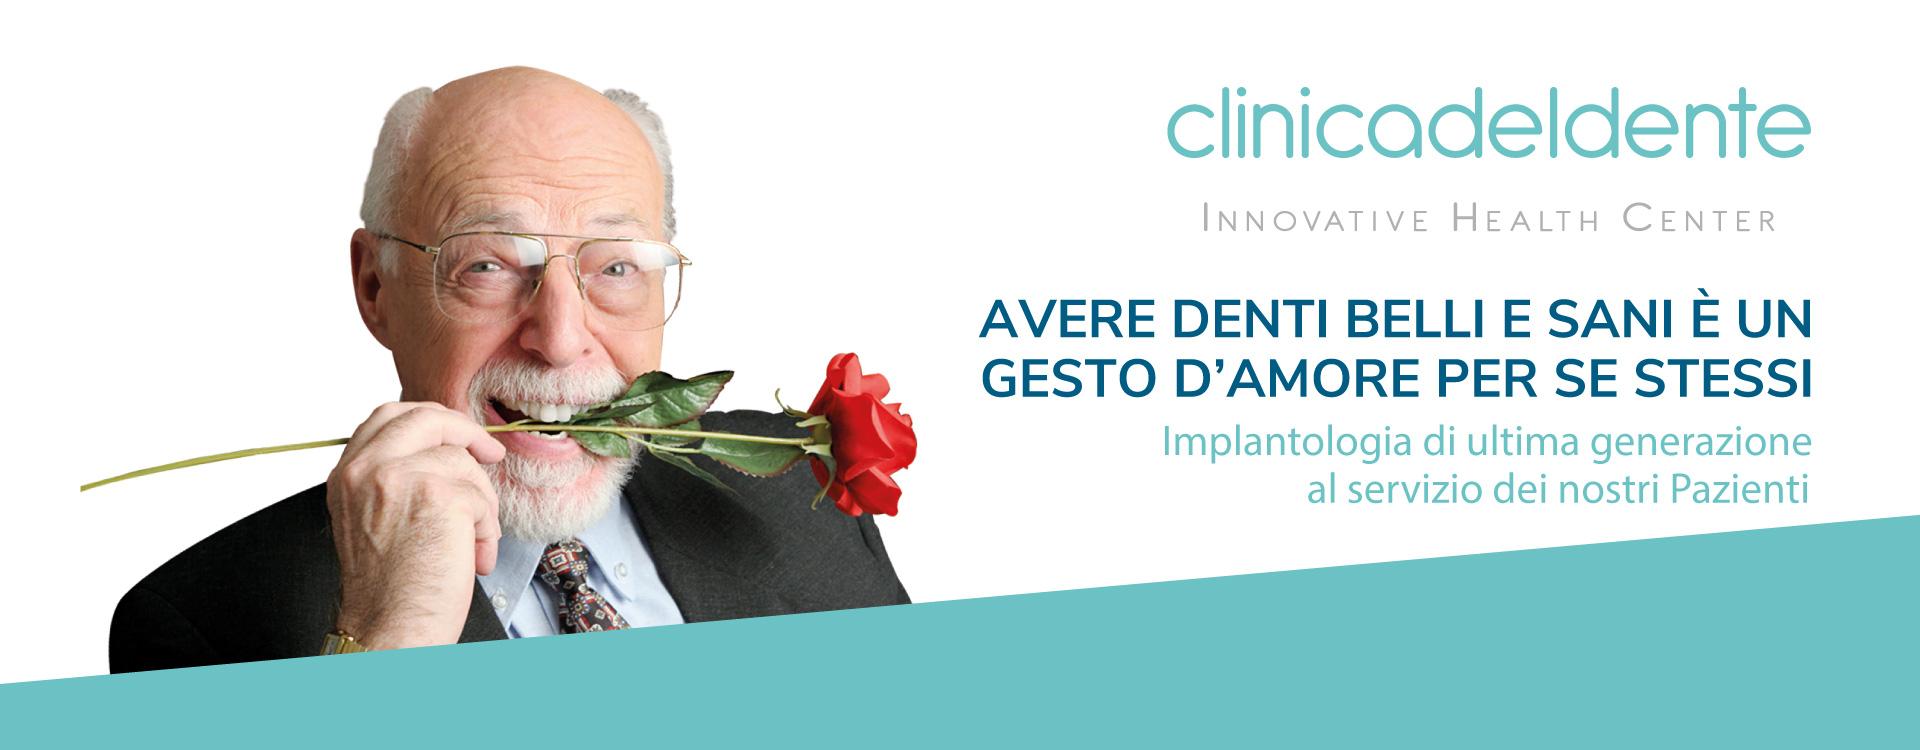 dentista-milano-clinica-del-dente_3